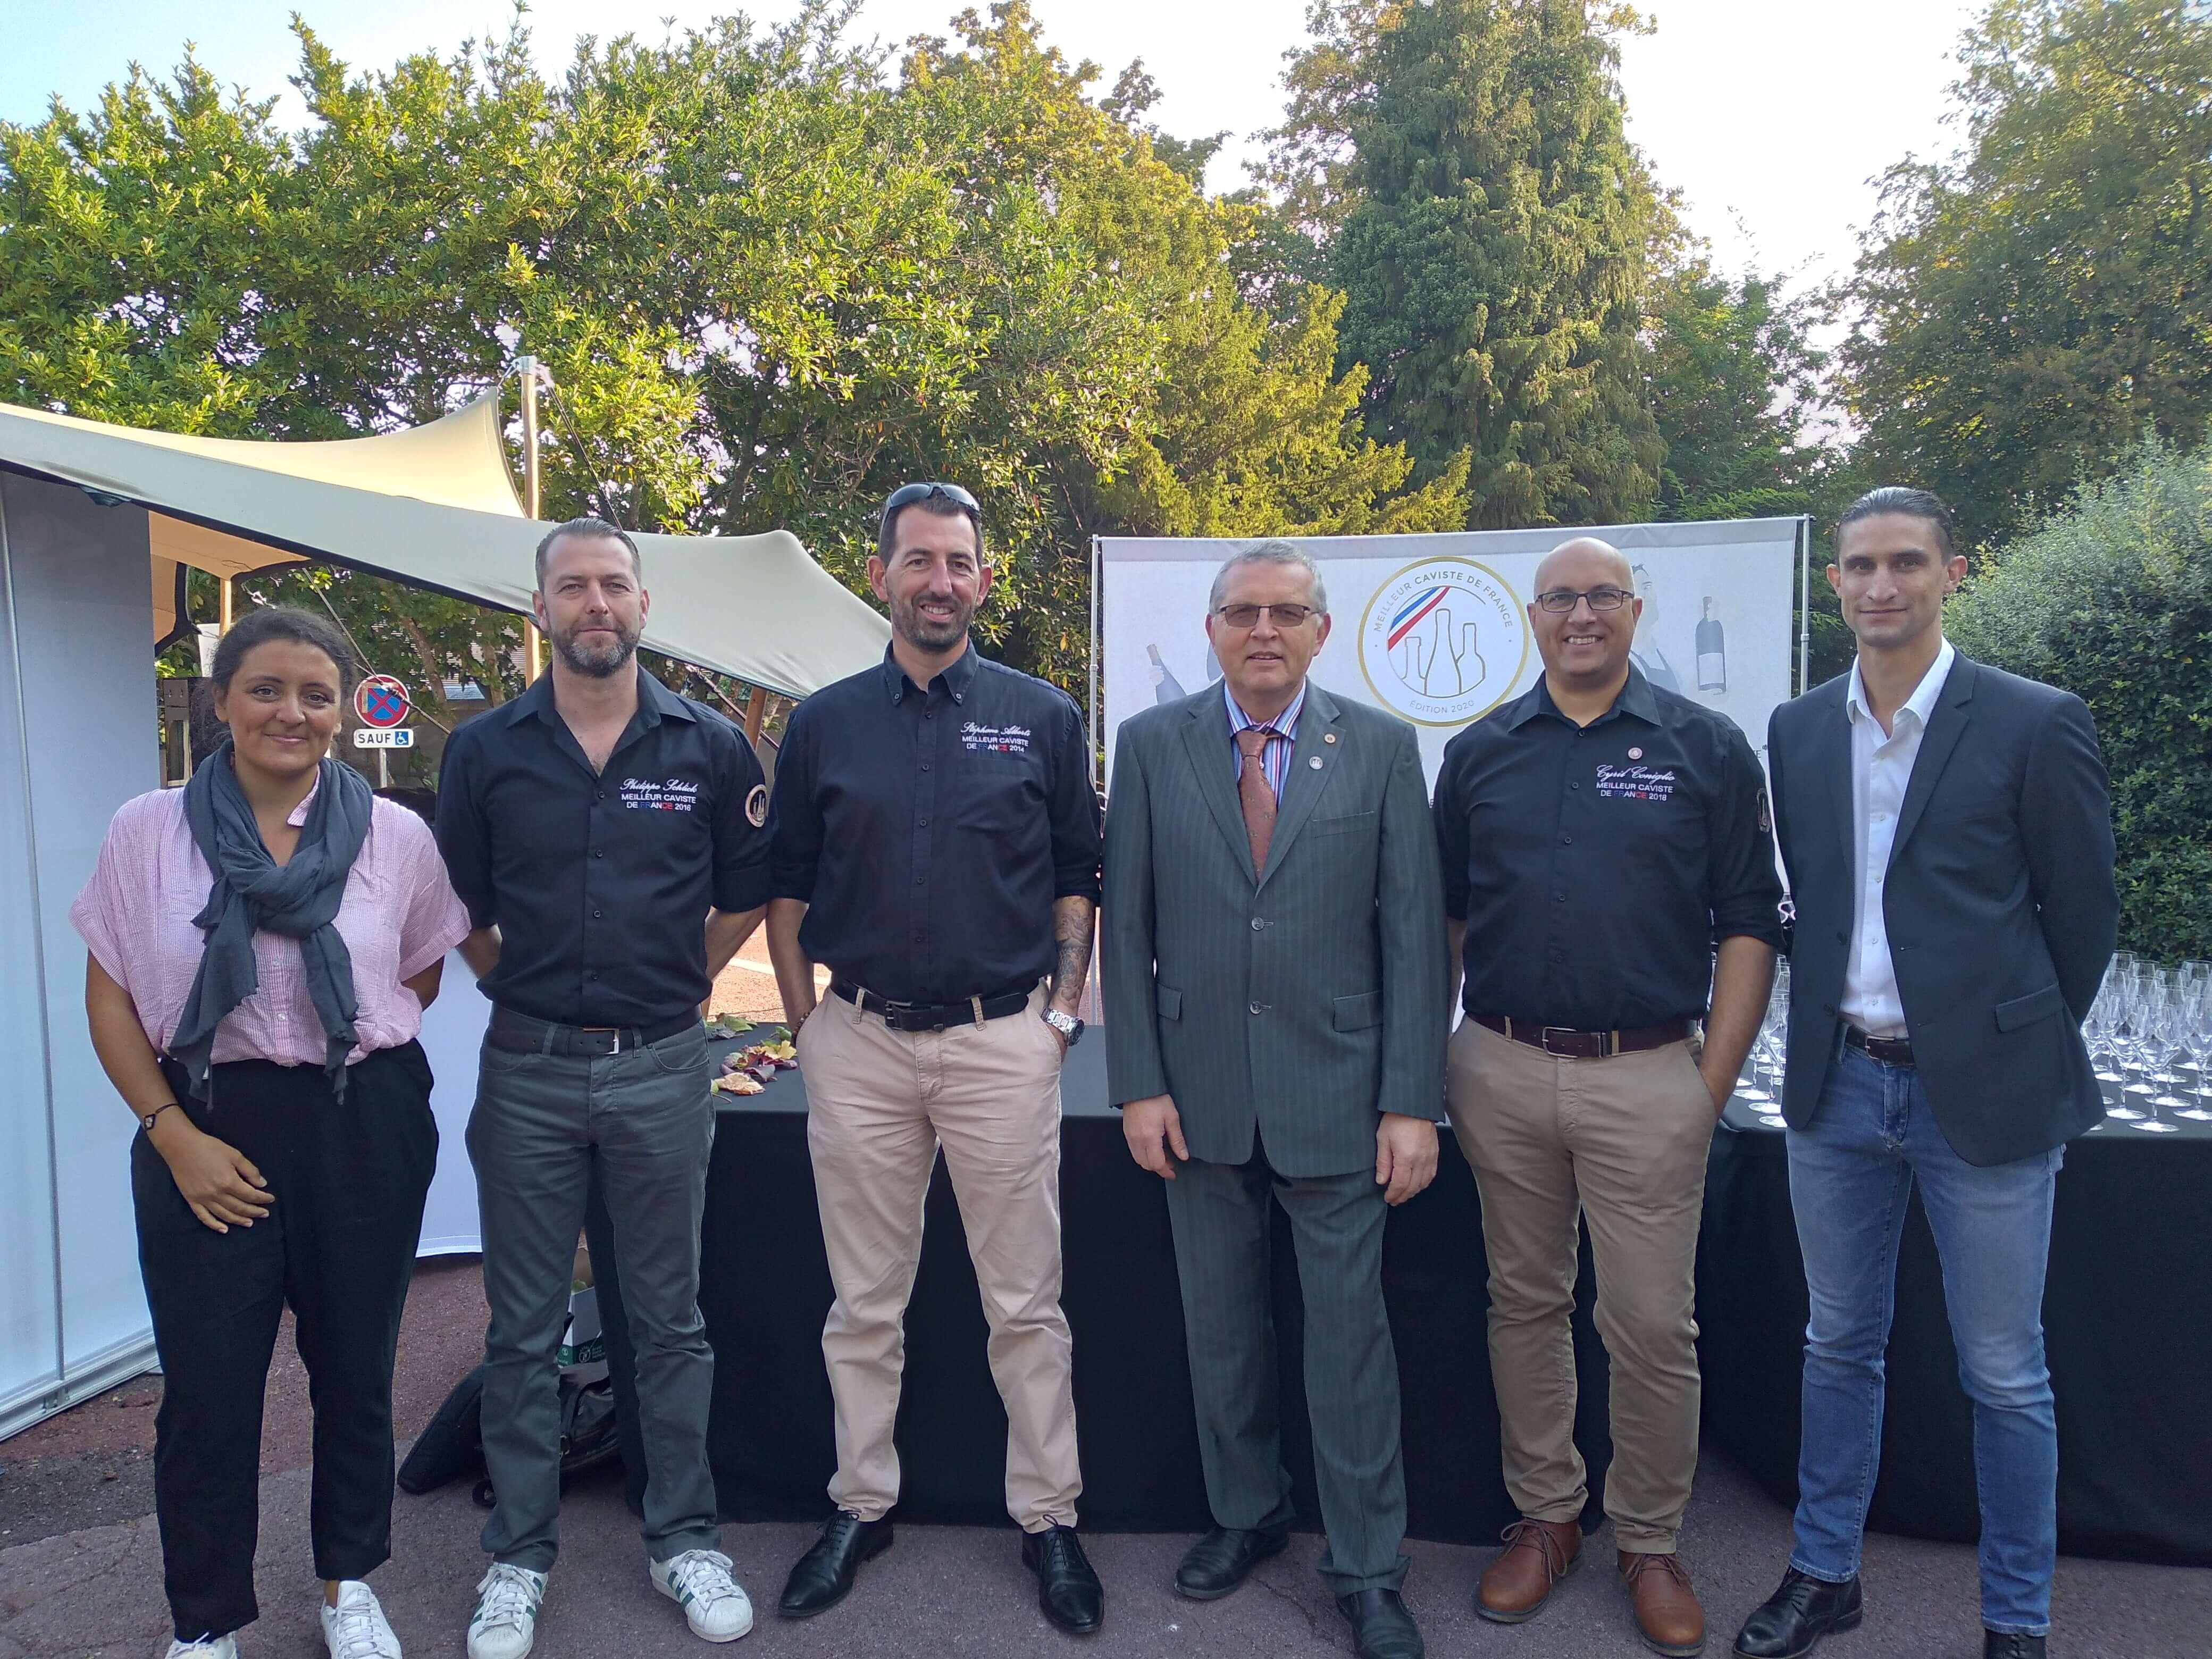 Les membres du jury de l'épreuve du 14 septembre 2020. De g à d, L Bernault, P. SChlick, S. Alberti, P. Jourdain, C. Coniglio, P. Cousin